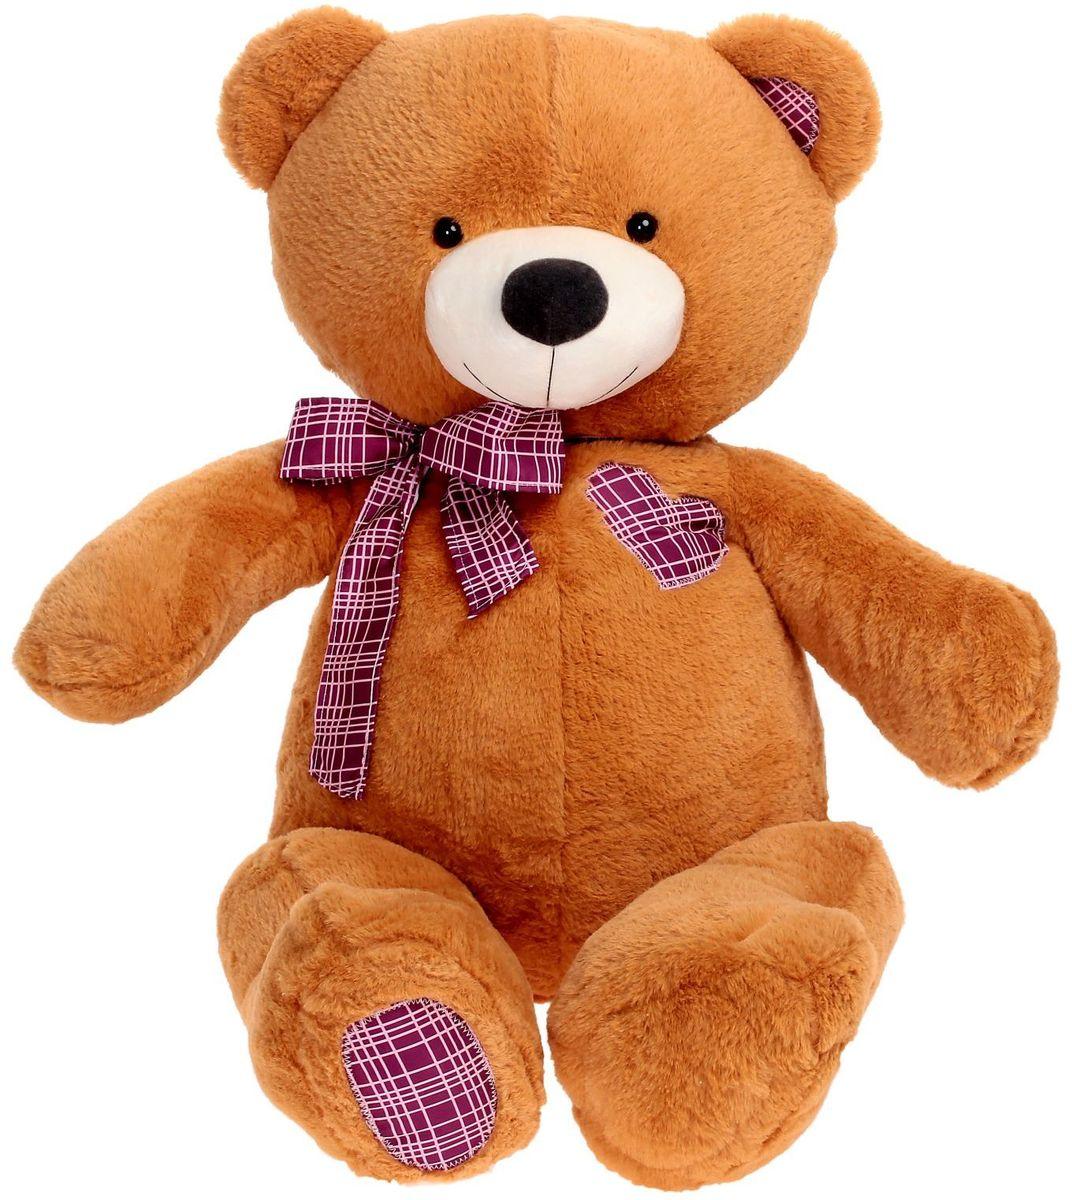 Плюшевый шар Мягкая игрушка Медведь цвет коричневый 70 см 2085574